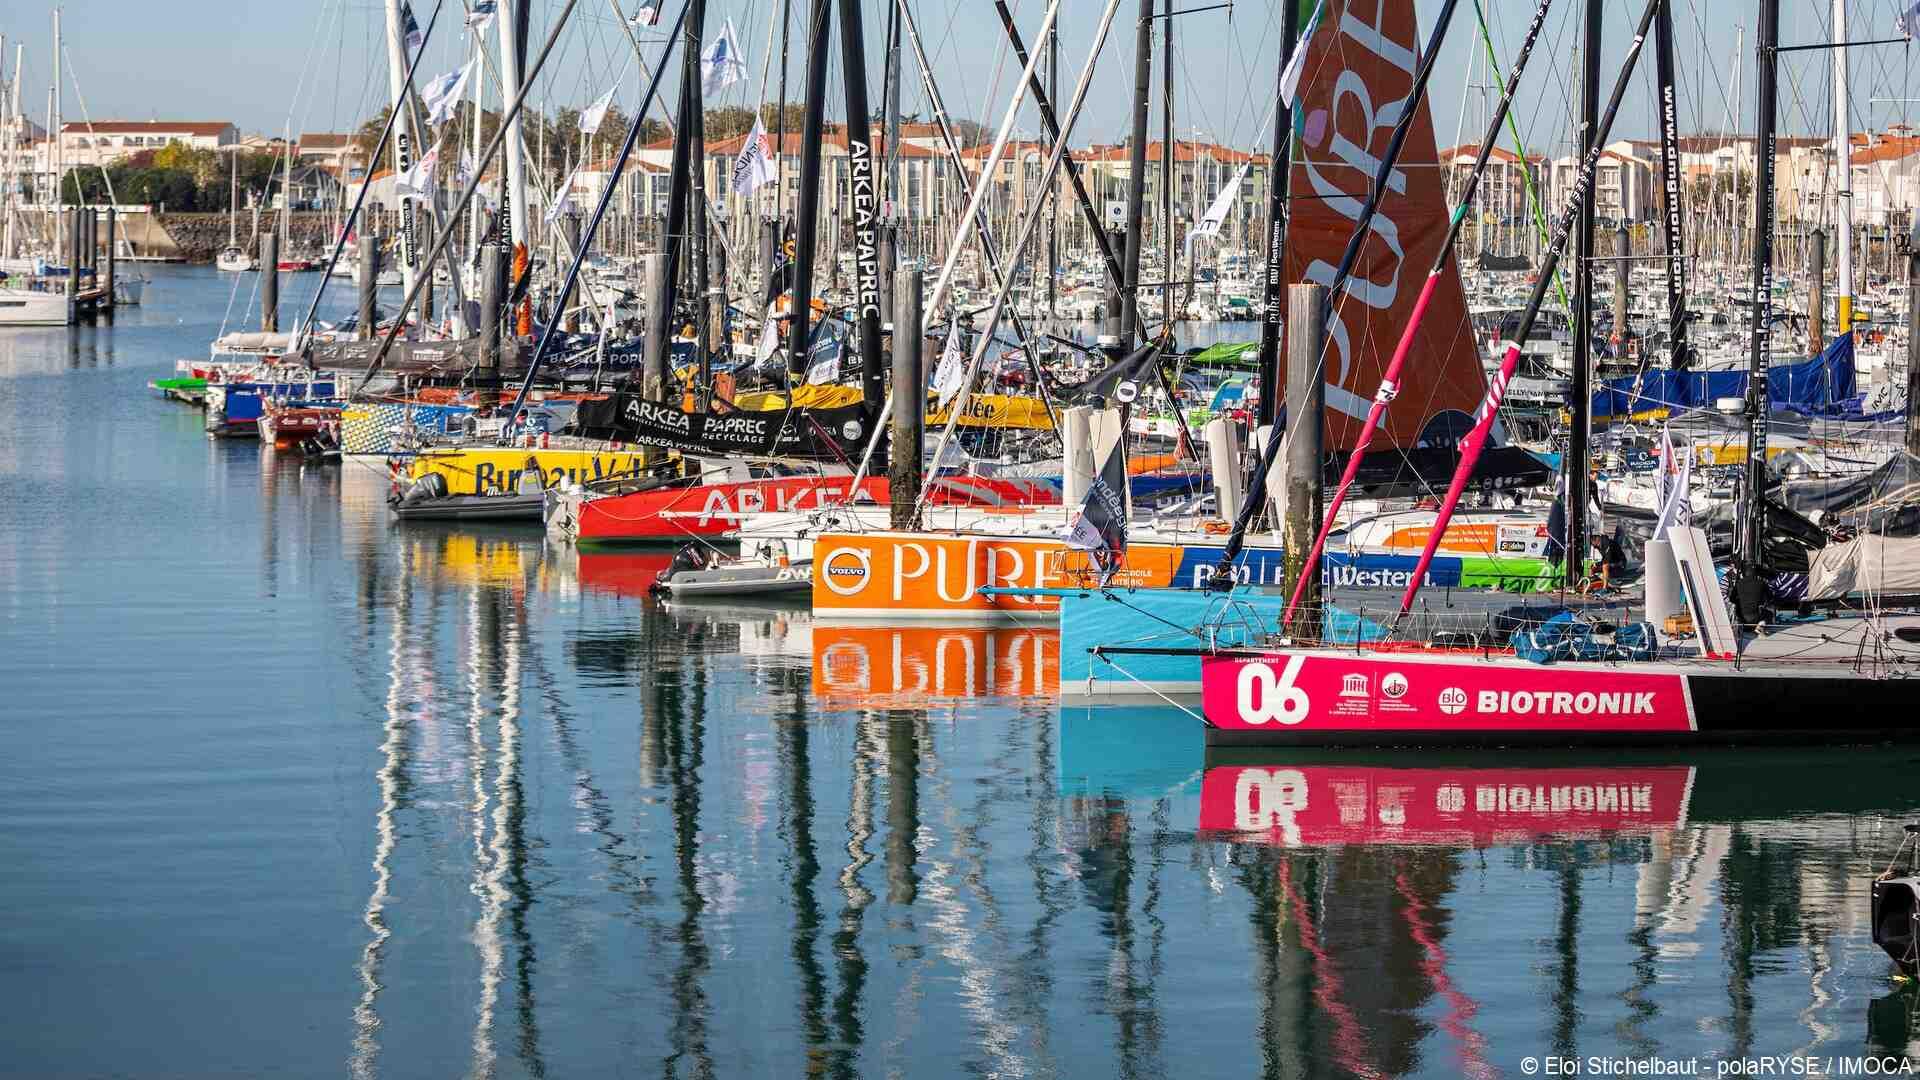 Comment sont les Vendée Globe Boats?